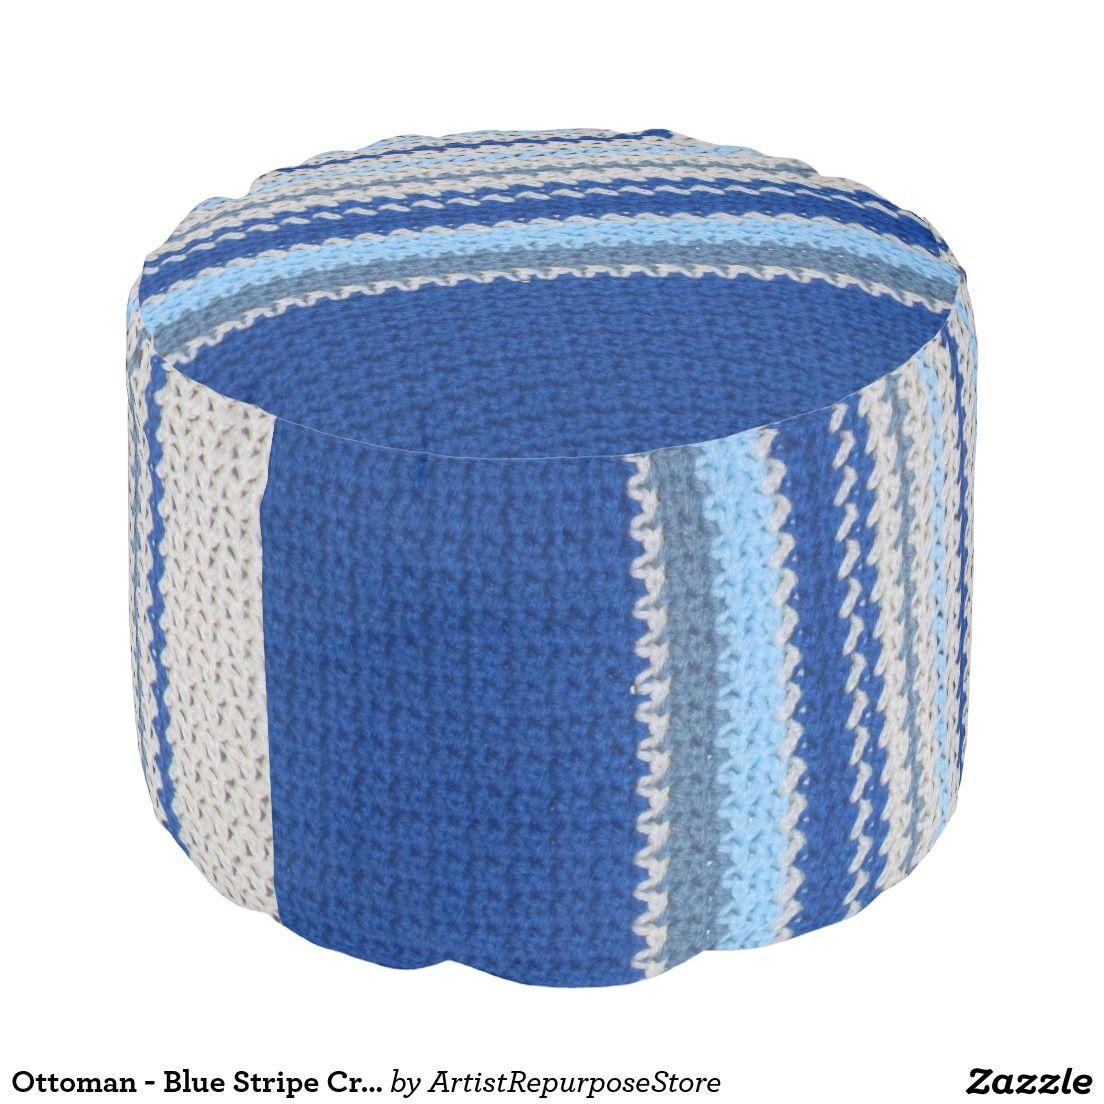 Ottoman - Blue Stripe Crochet pattern - Crochet patterned pouf!